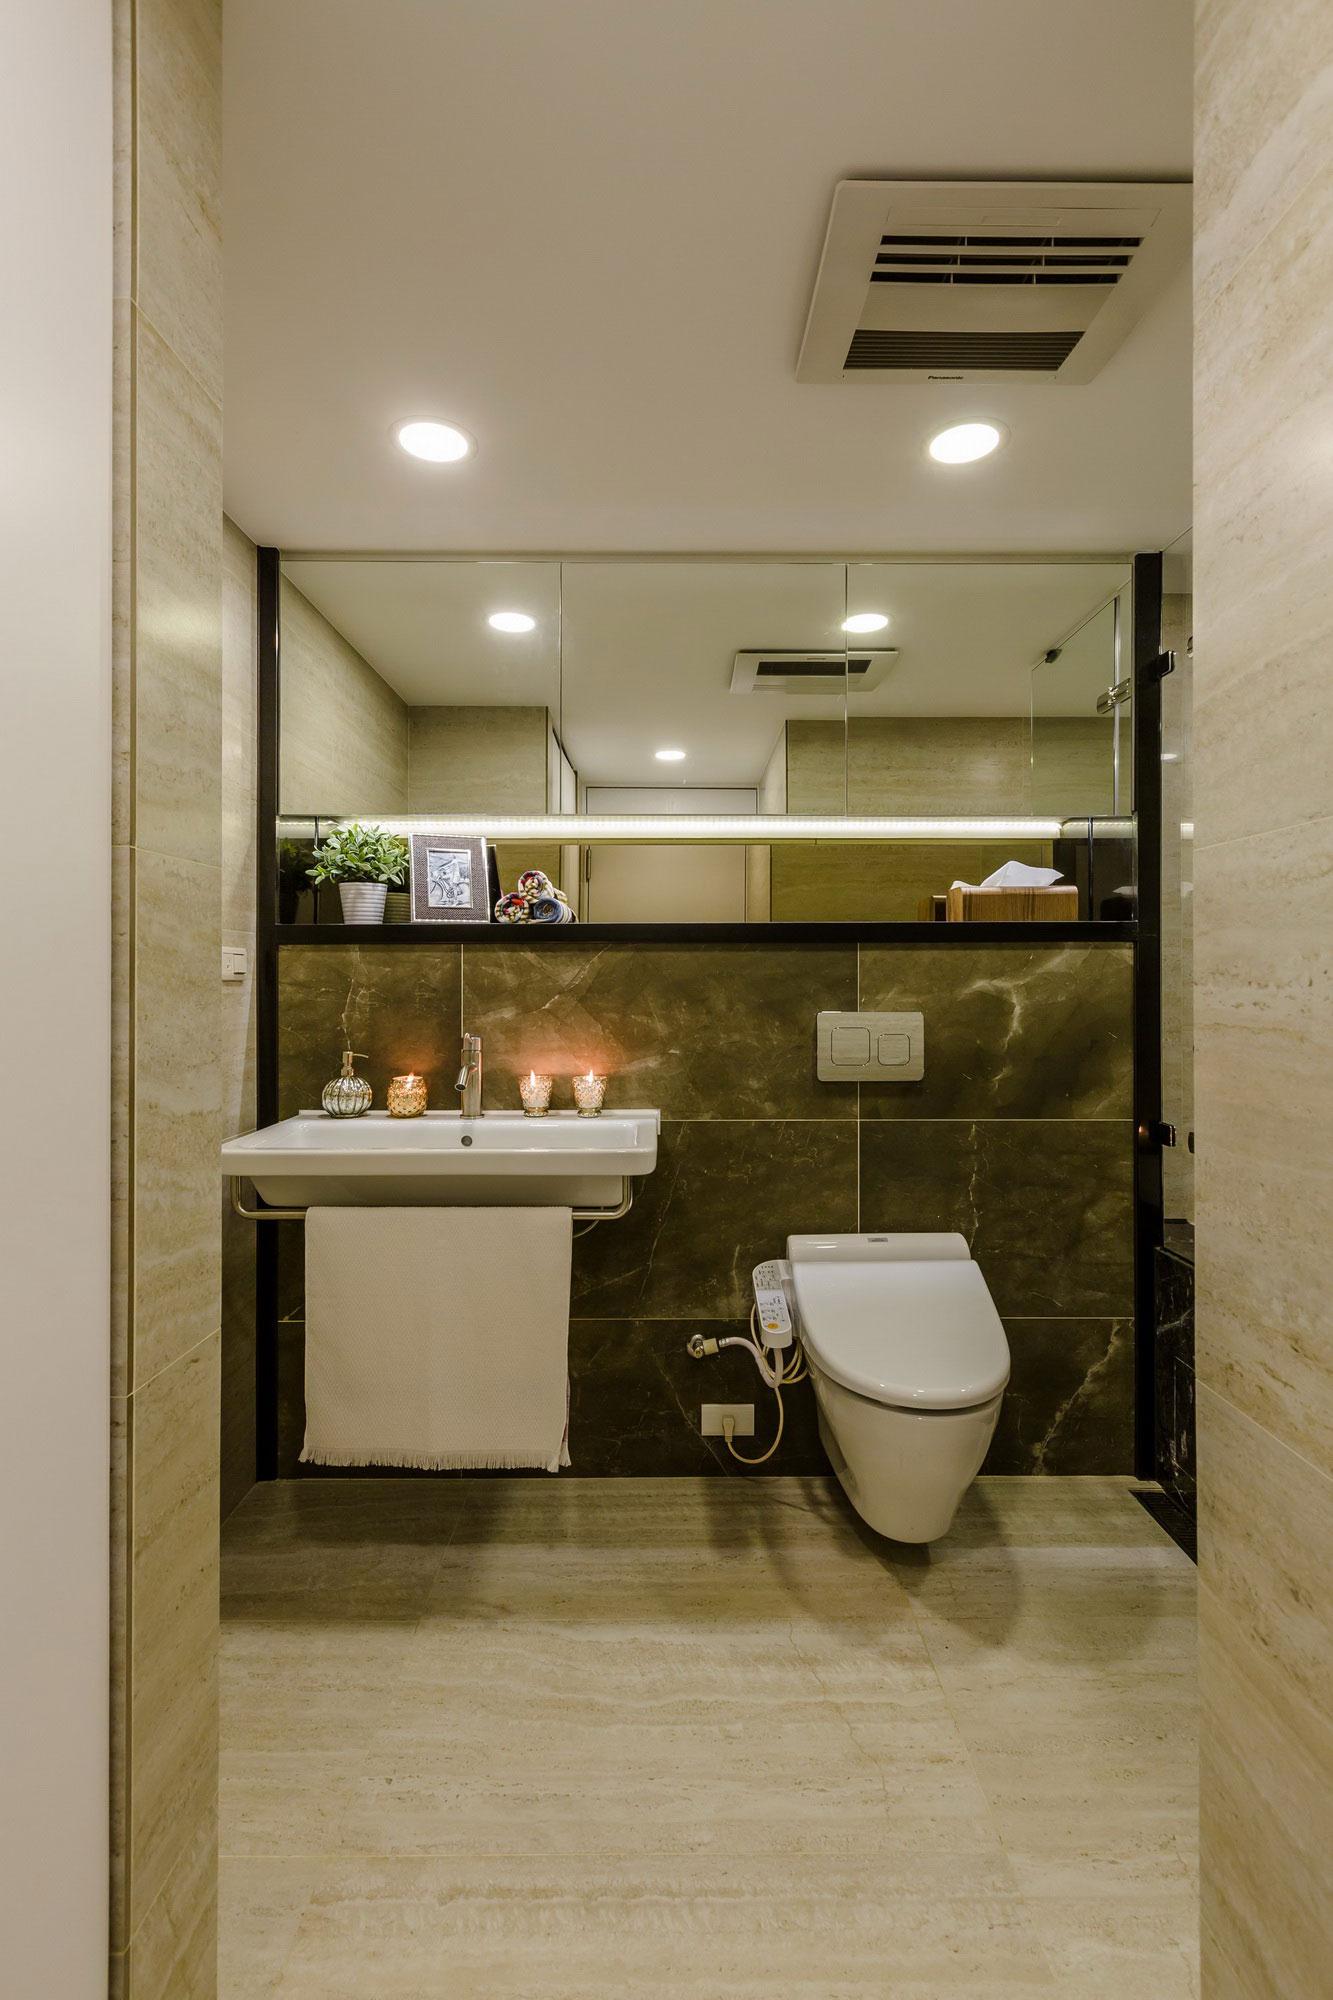 Studio Apartment Space Ideas